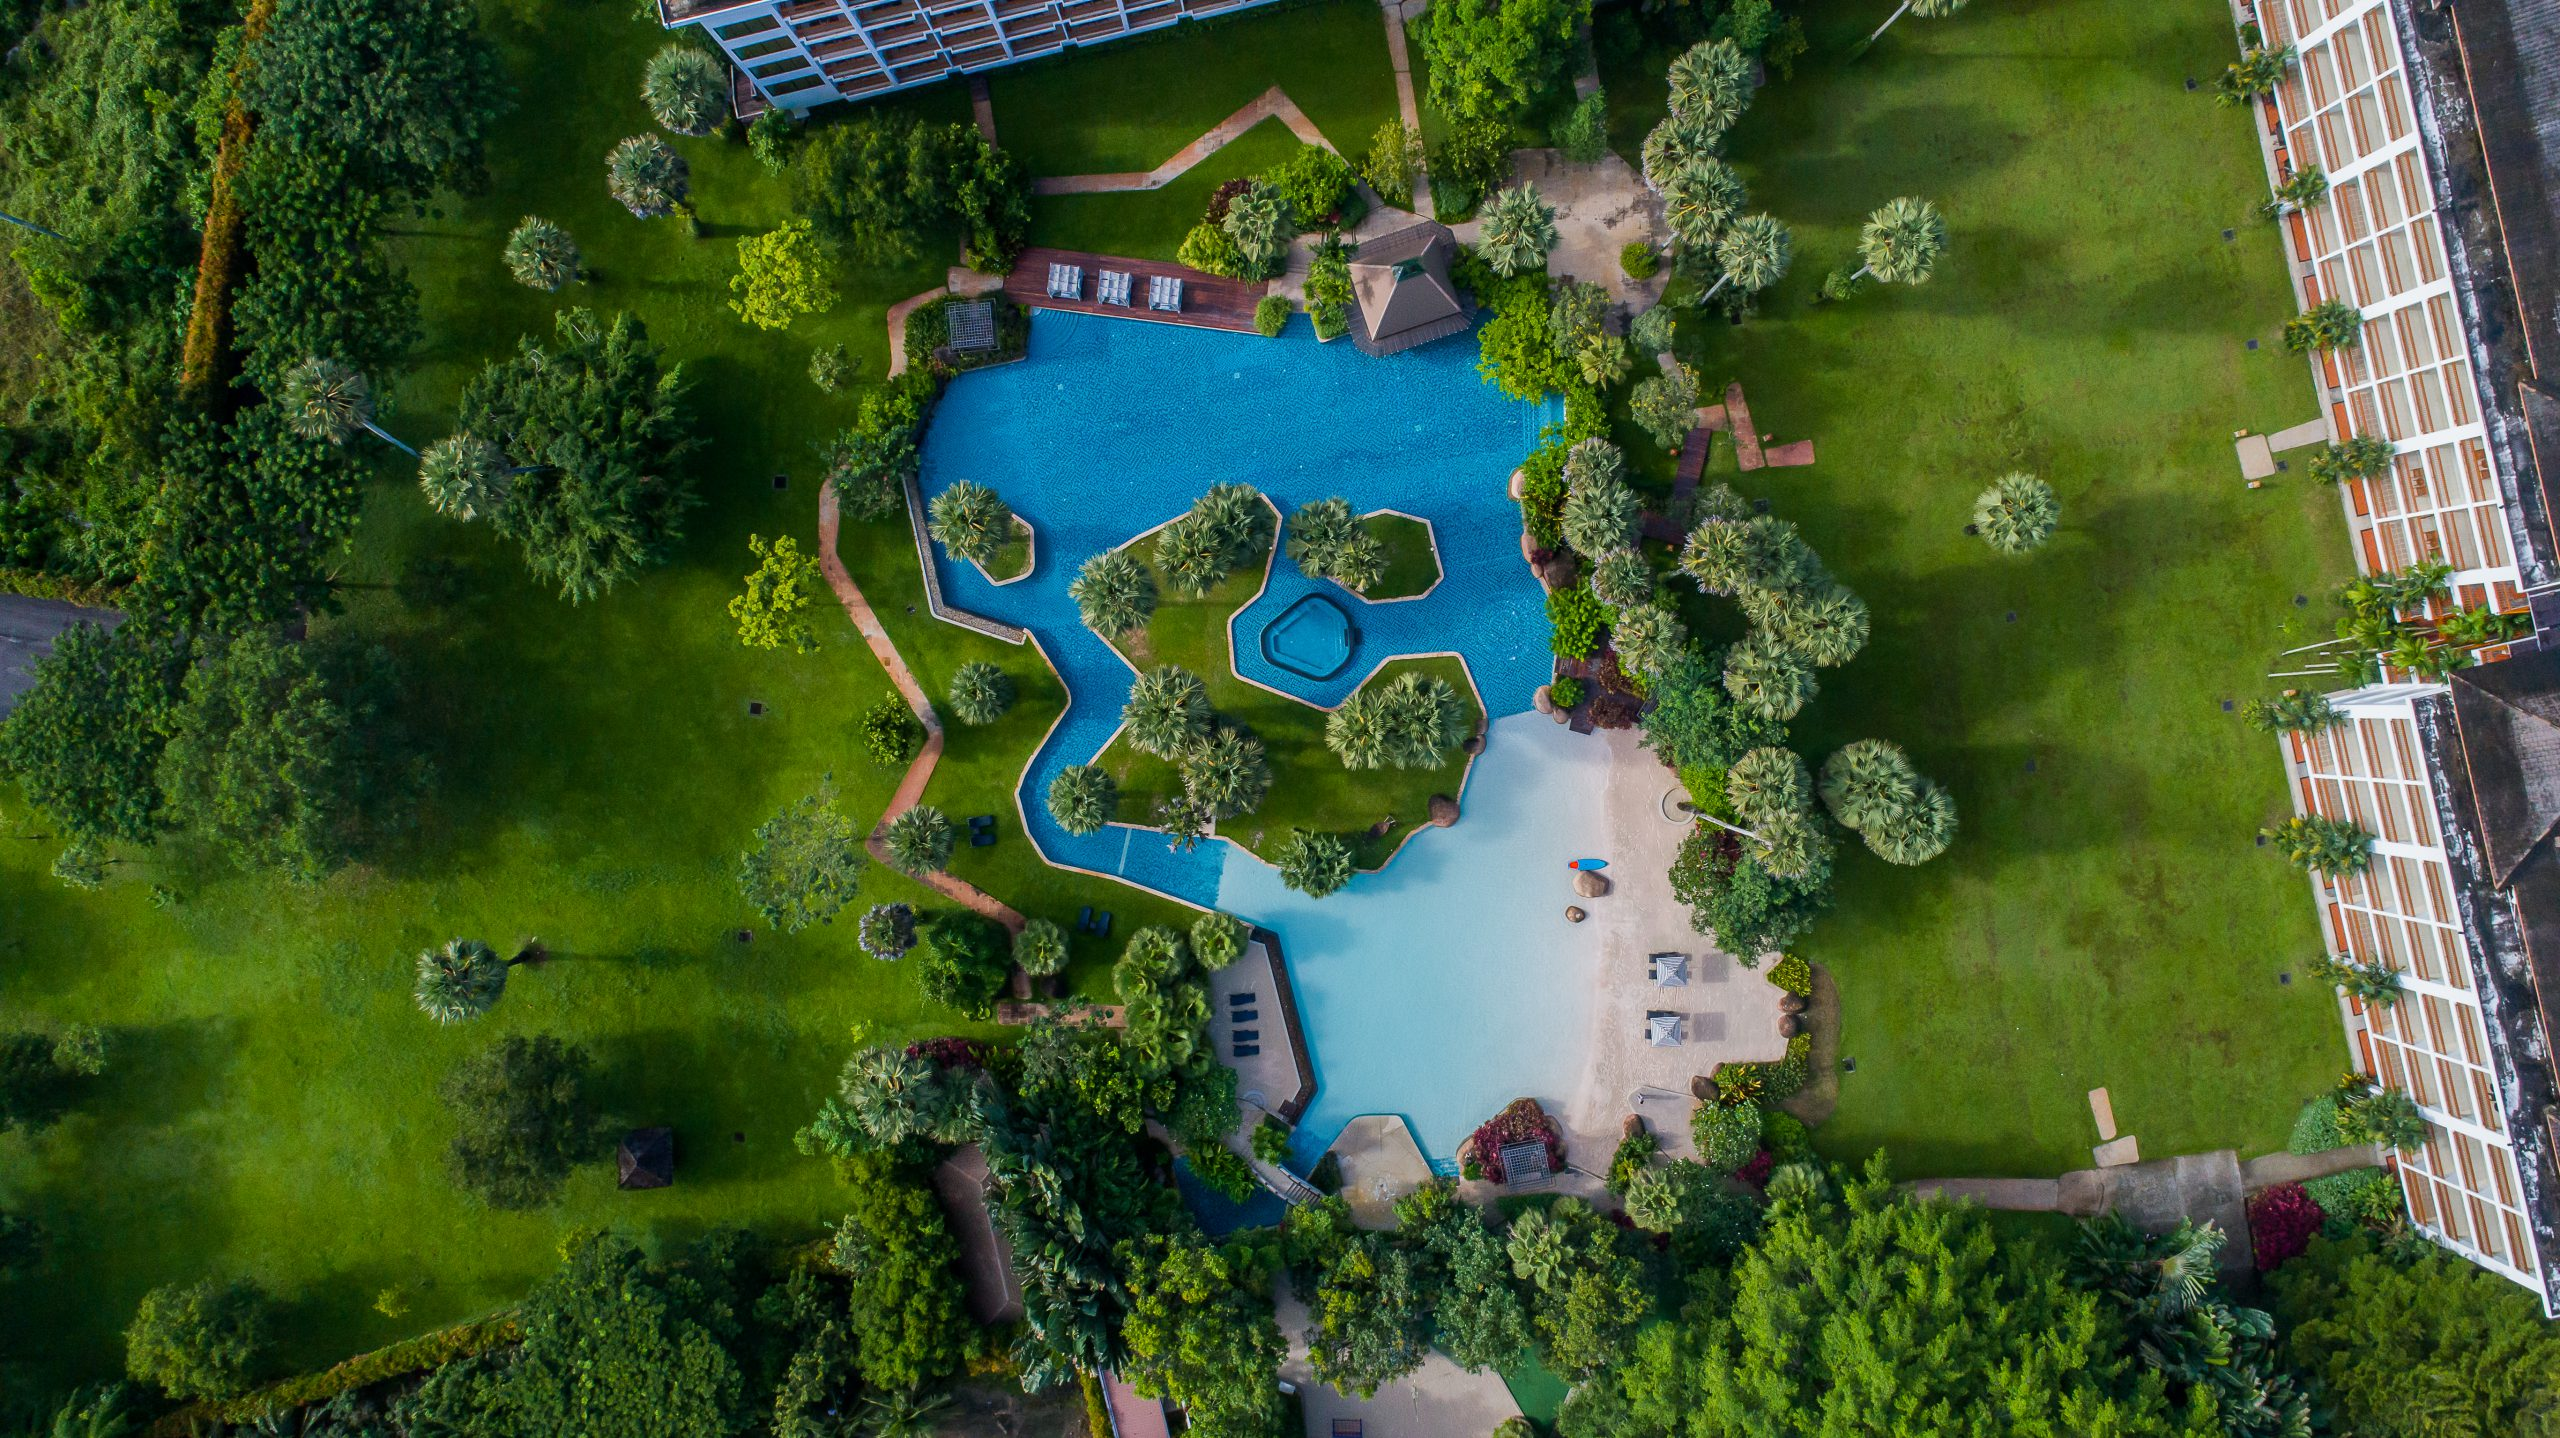 Group_Naithonburi Hidden Lagoon Lawn (2)